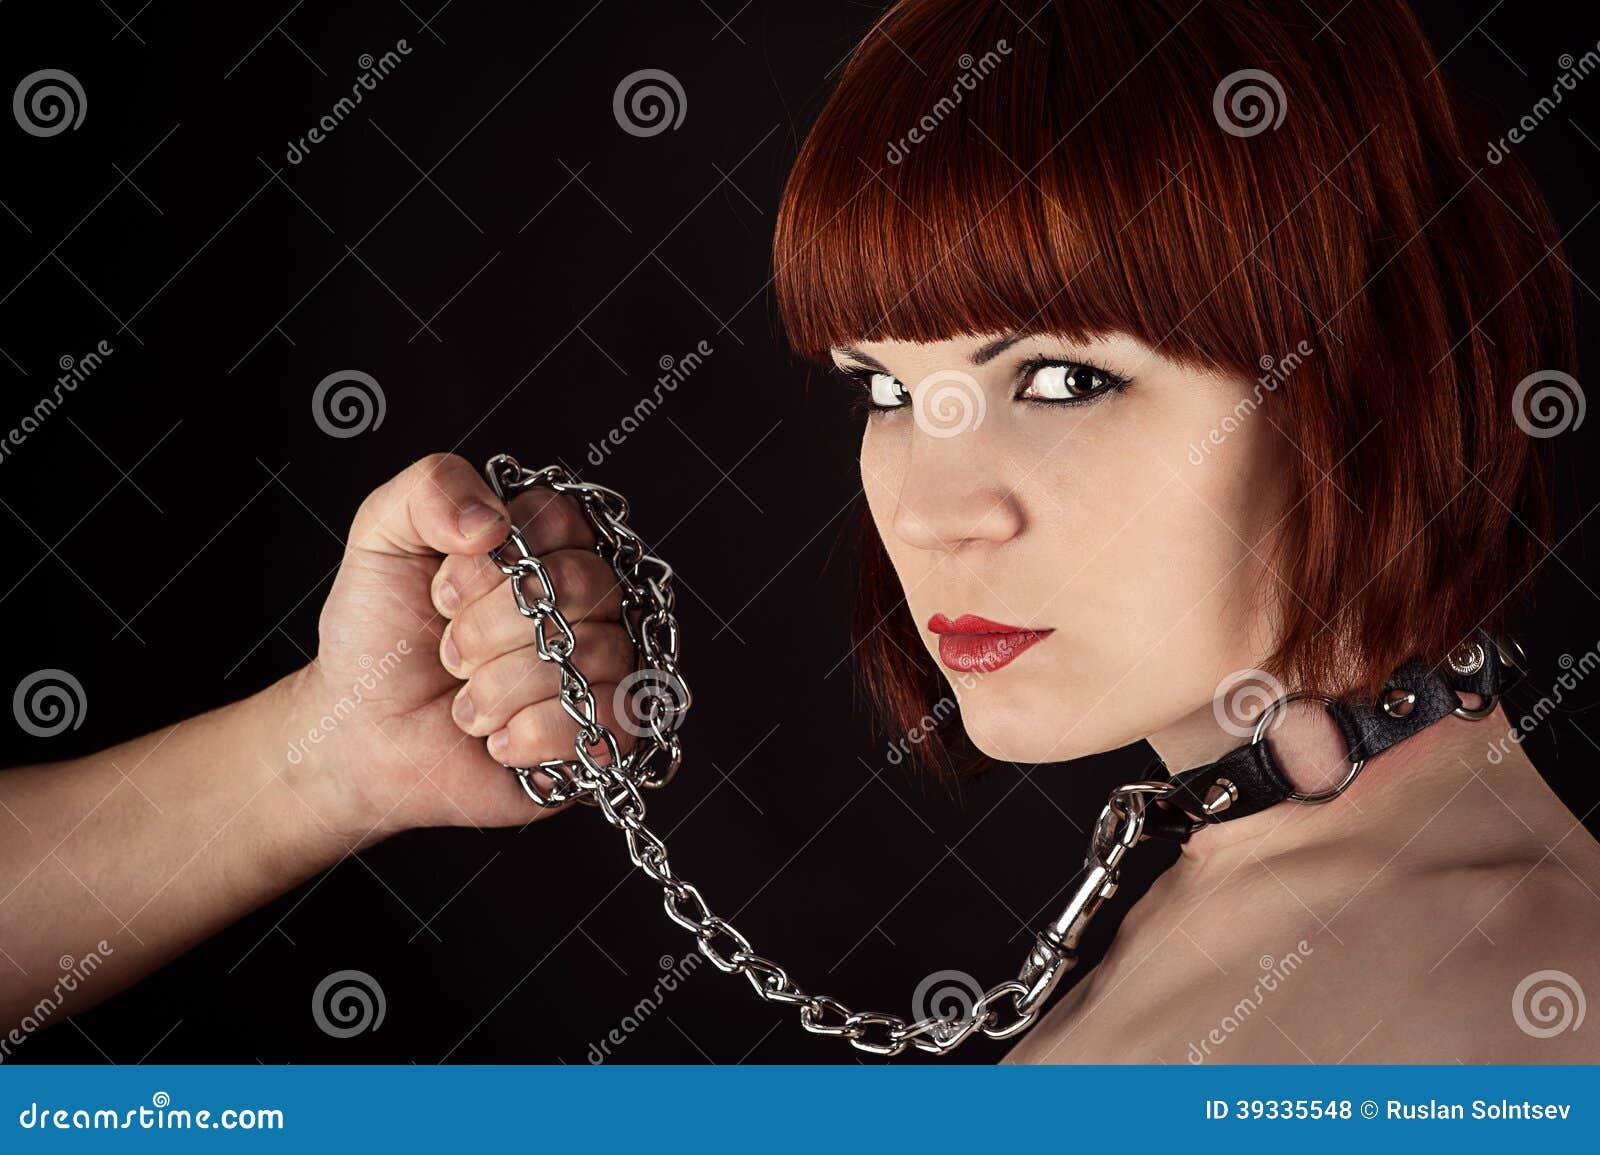 Русская рабыня на поводке 24 фотография